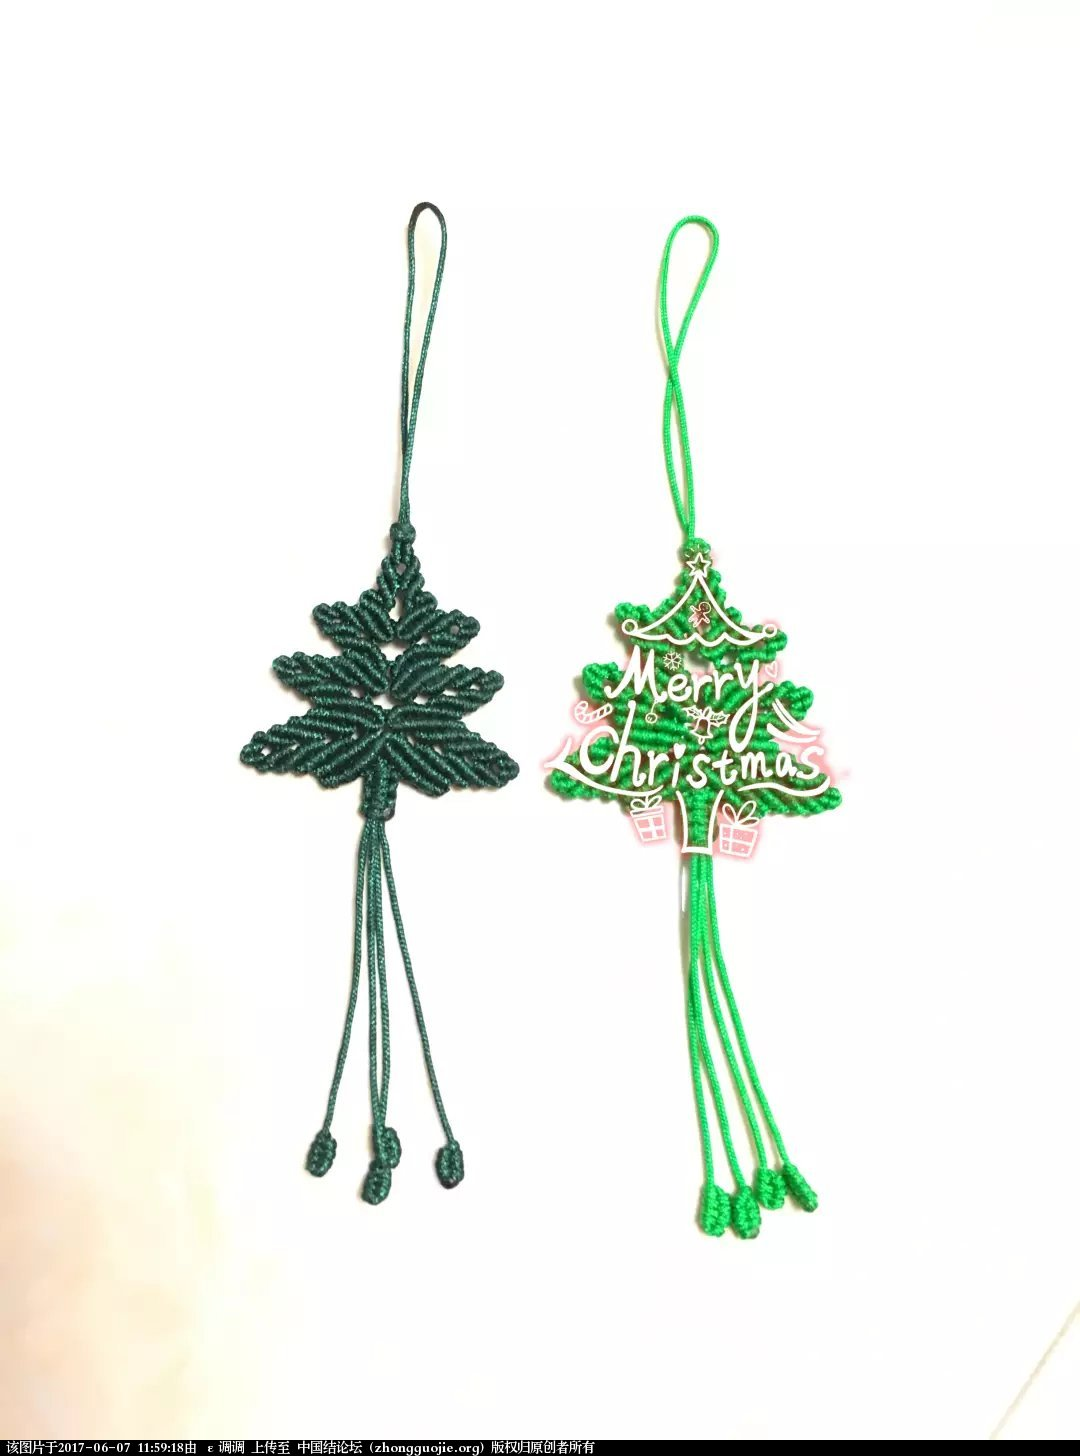 中国结论坛 勇哥的大钟还有小蘑菇、葫芦、叶子、圣诞树  作品展示 115623klxxyzjjzsijxzhx